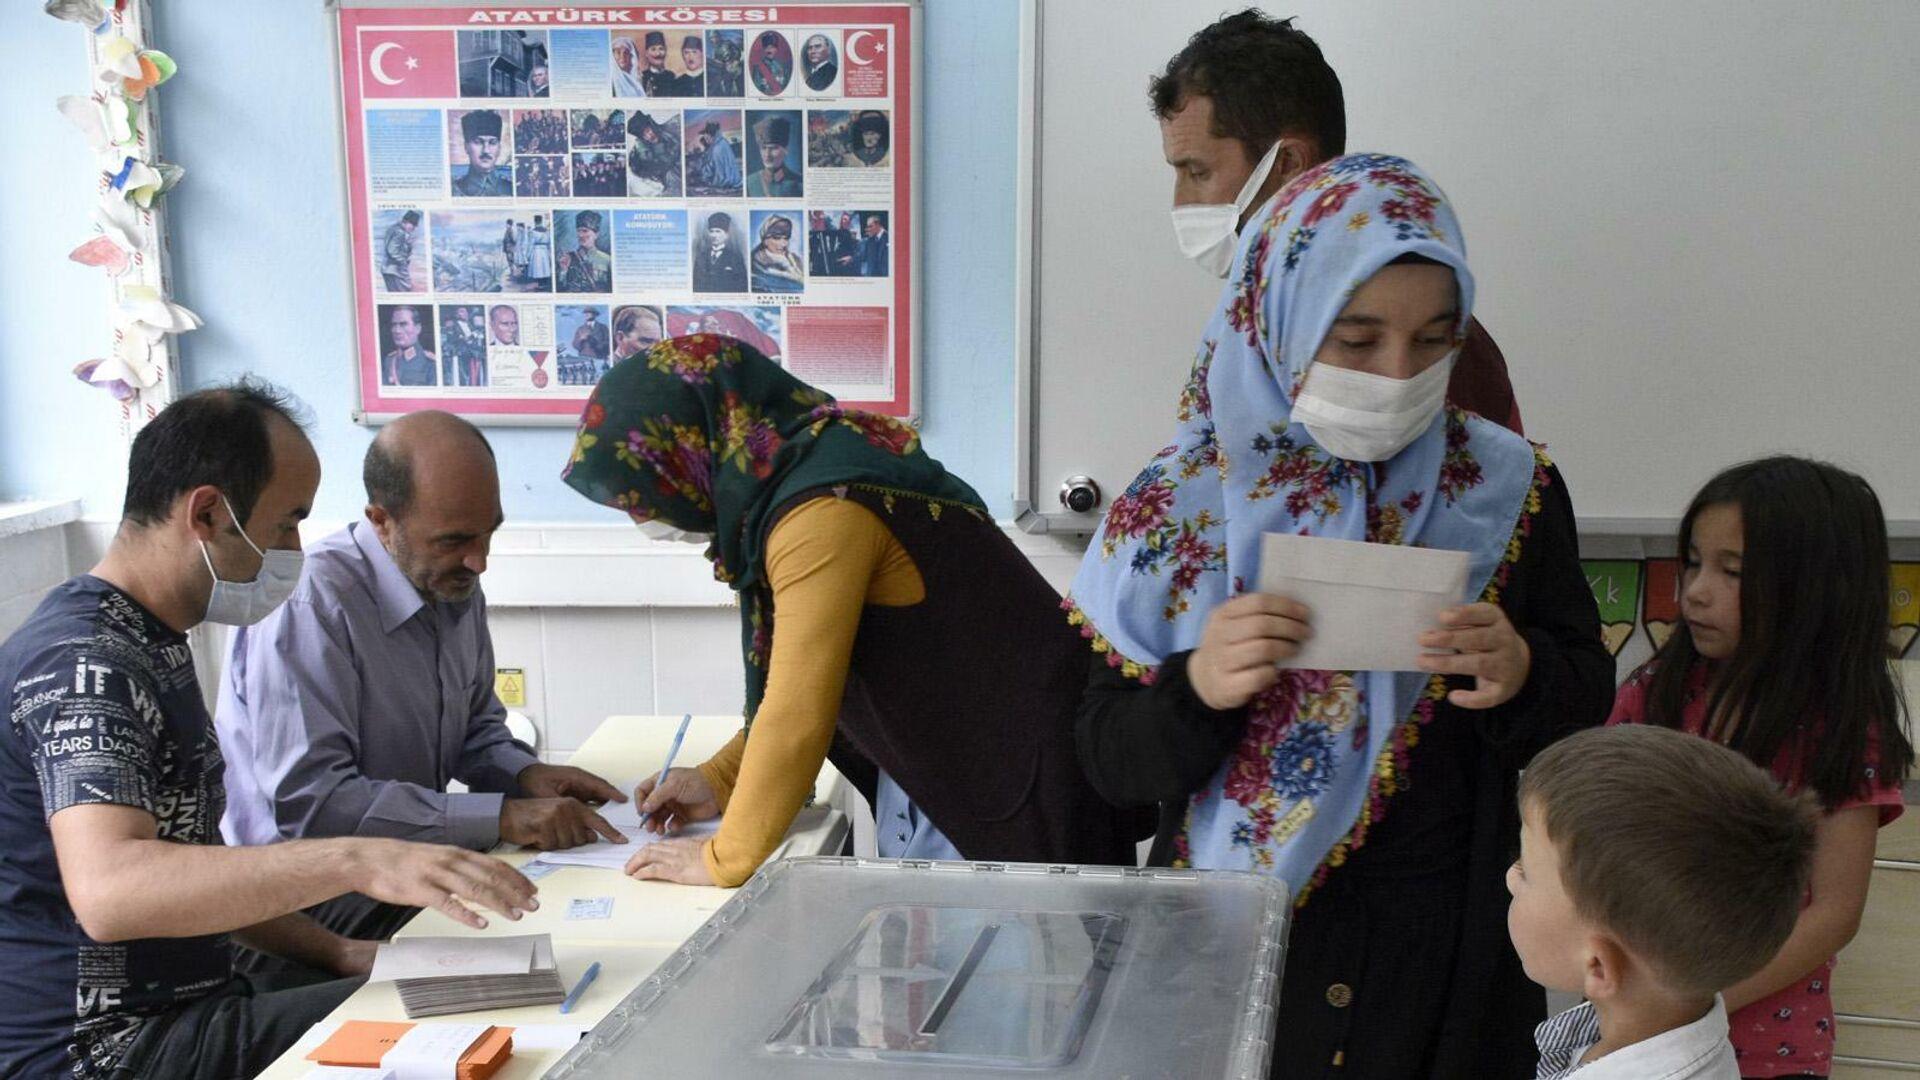 Gümüşhane'den ayrılıp Giresun'a bağlanmak isteyen 2 köyde yapılan referandumun sonucu belli oldu - Sputnik Türkiye, 1920, 04.09.2021